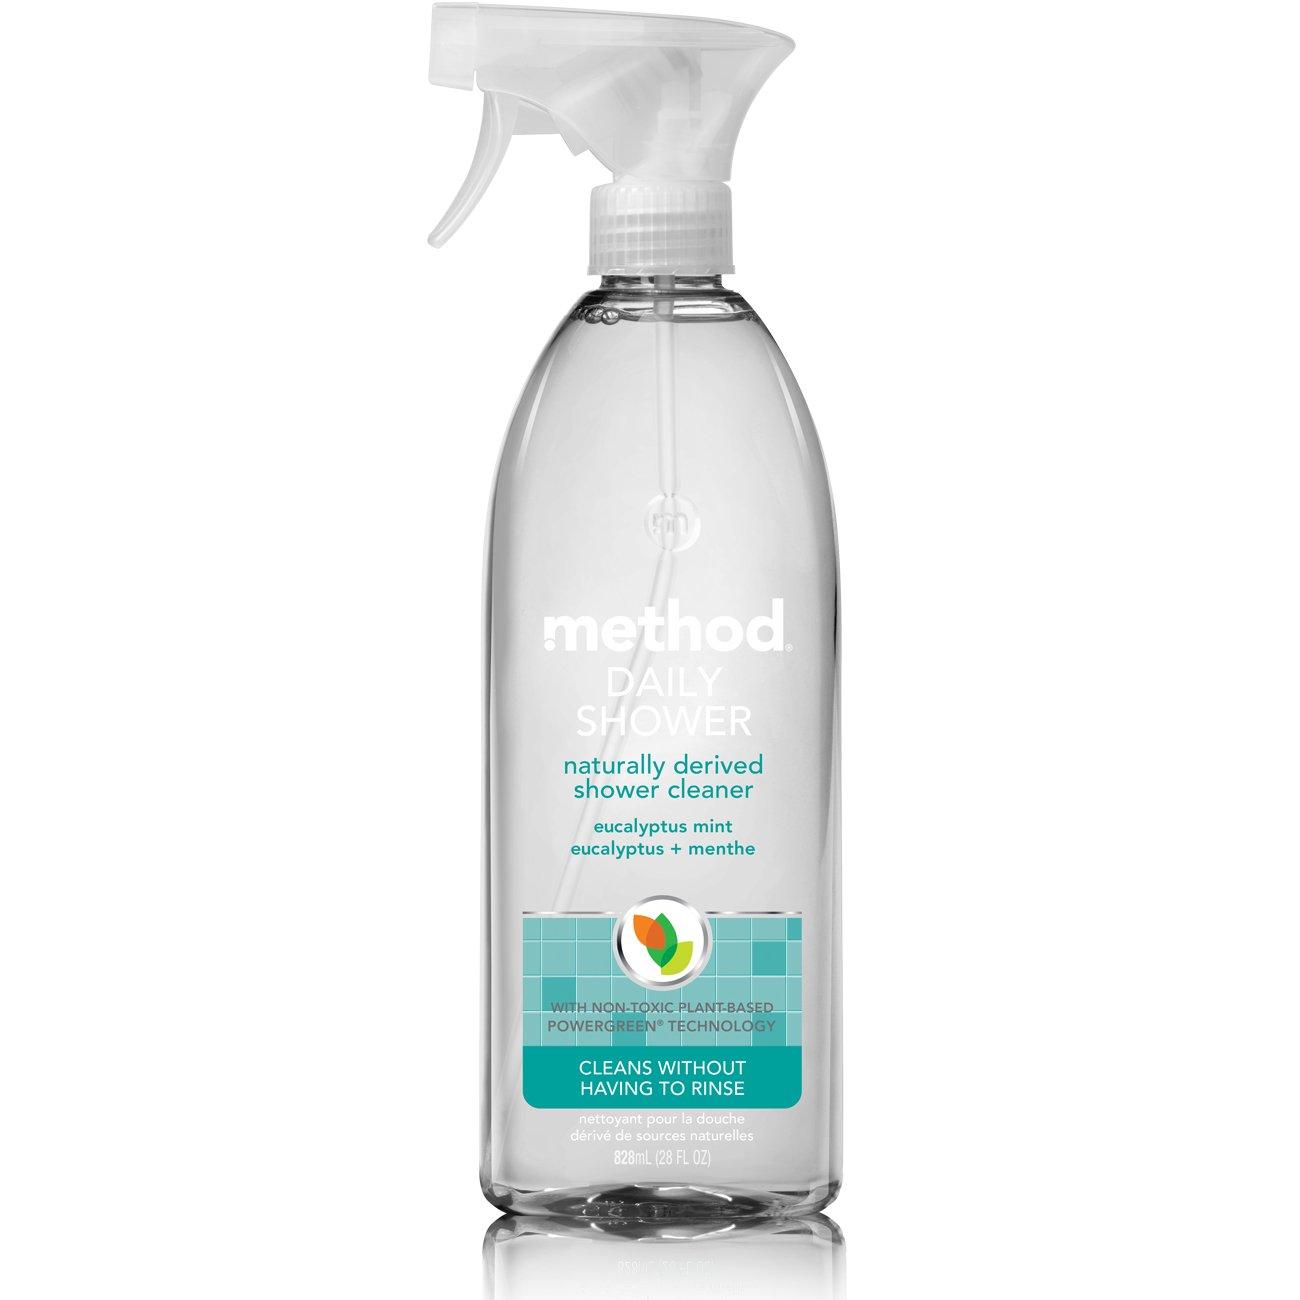 Method Daily Shower Spray Cleaner, Eucalyptus Mint, 28 Ounce